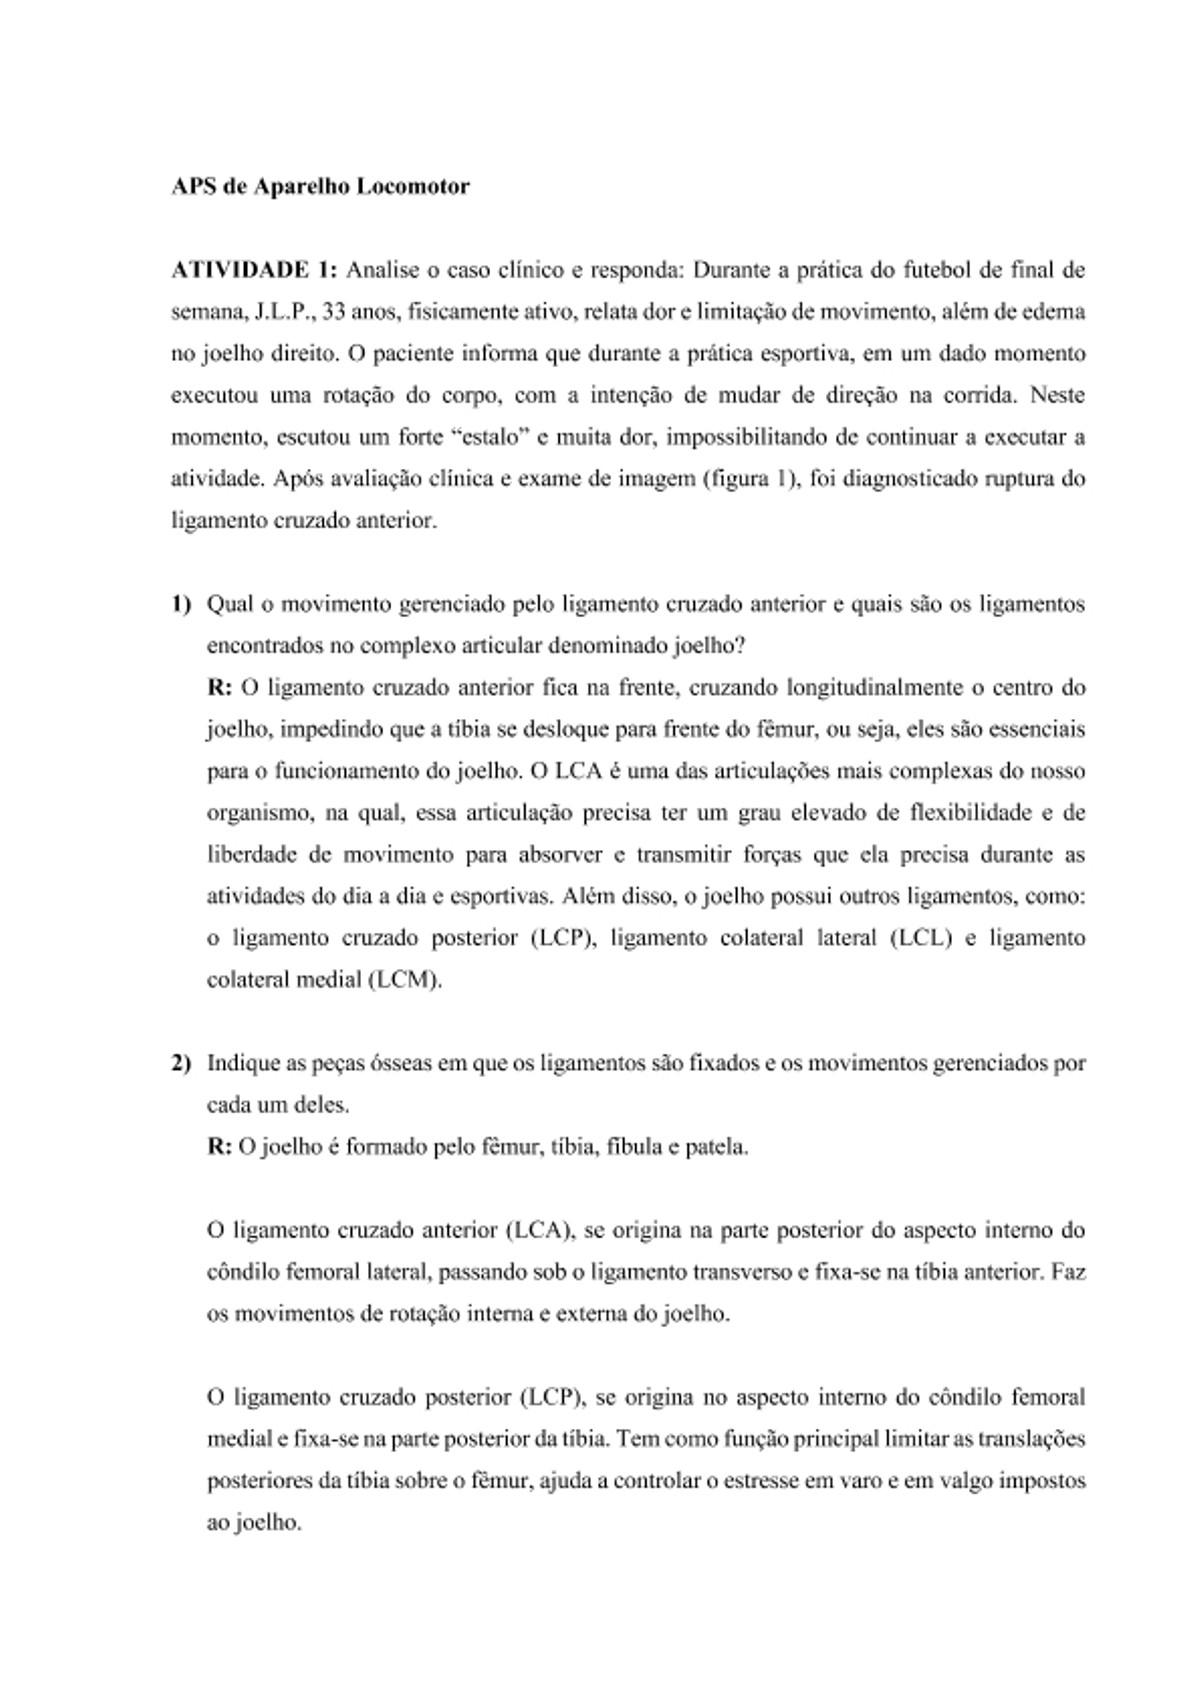 Pre-visualização do material APS de Aparelho Locomotor - Estudo de Caso - página 1